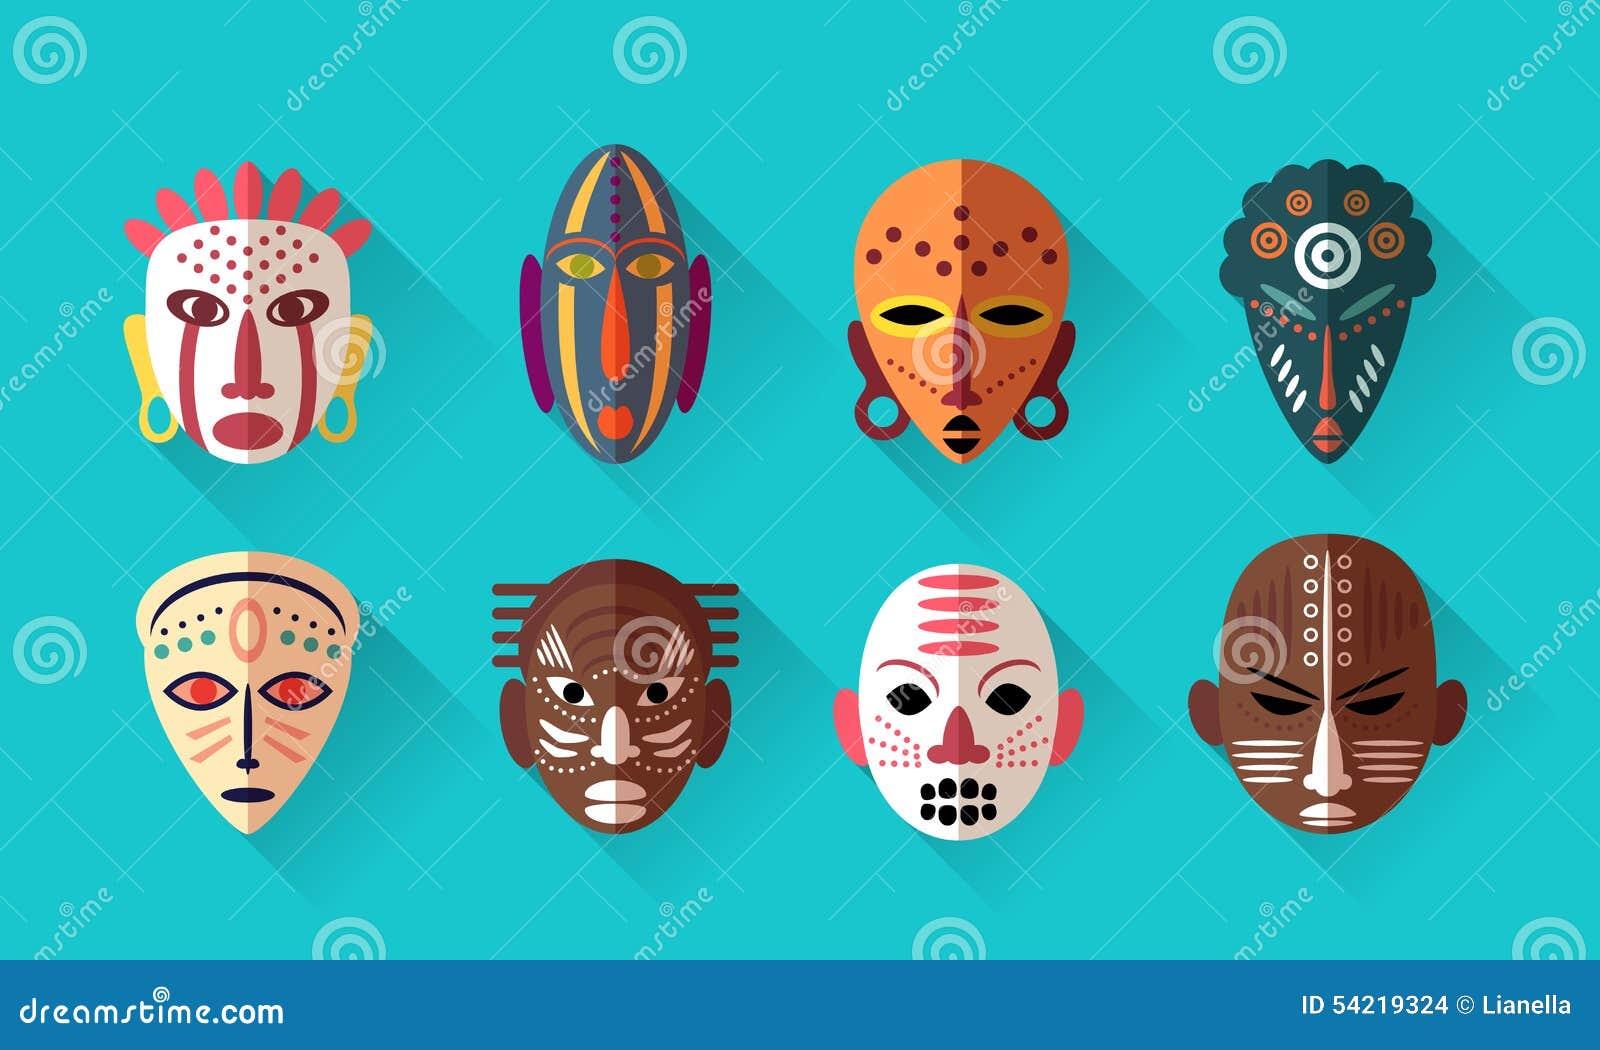 Как сделать африканскую маску своими руками